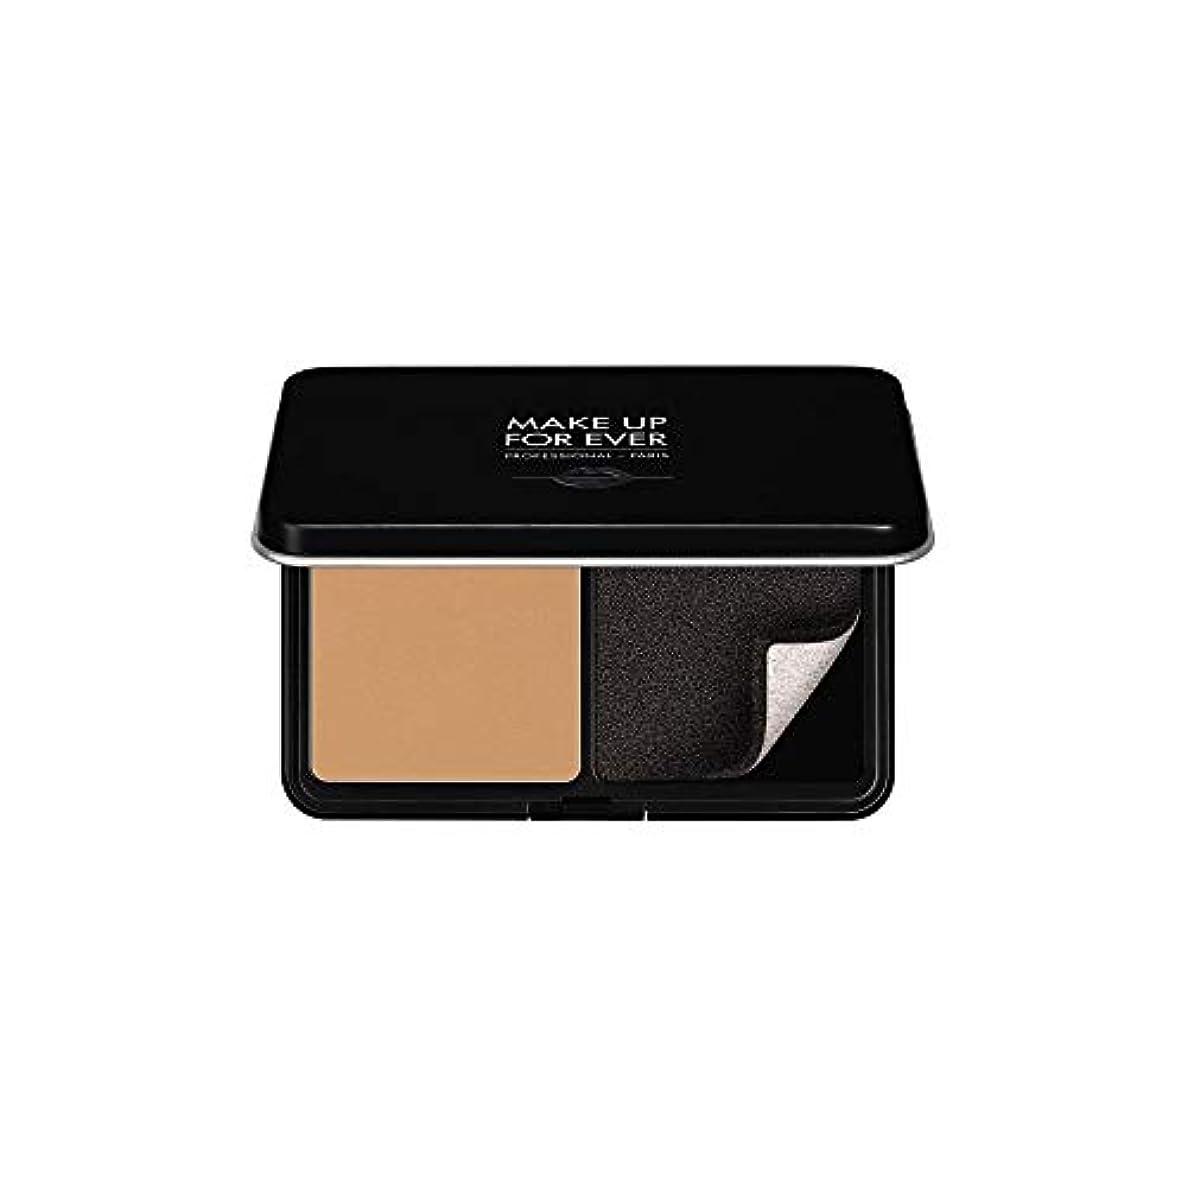 戦術雨のアプライアンスメイクアップフォーエバー Matte Velvet Skin Blurring Powder Foundation - # Y375 (Golden Sand) 11g/0.38oz並行輸入品